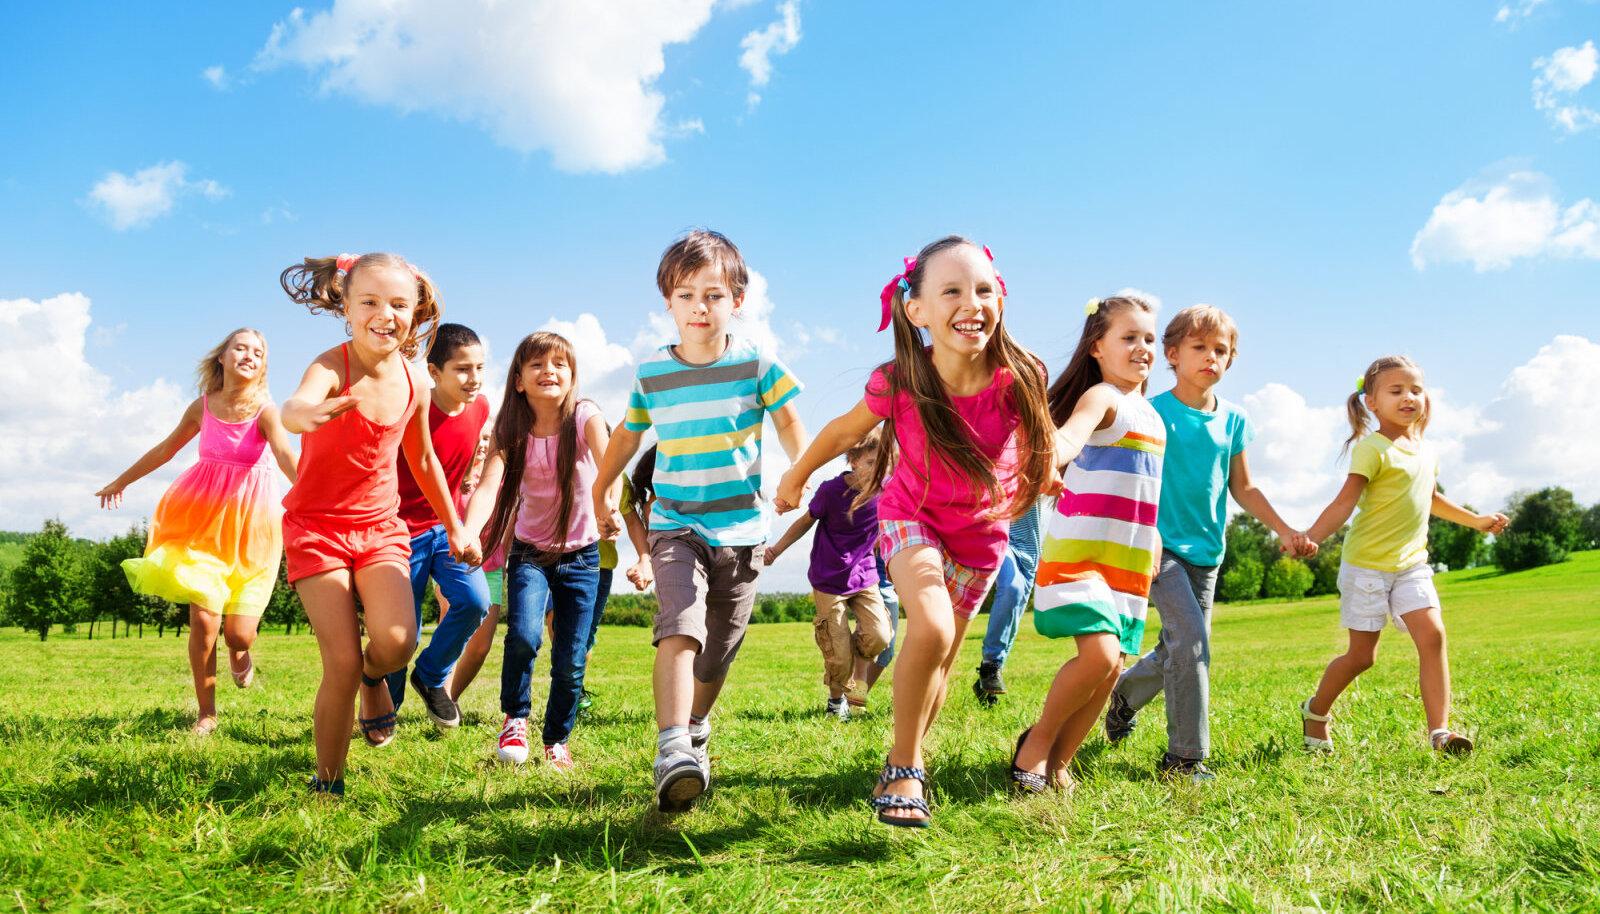 Koolid on täis hüperaktiivseid lapsi, kes on tegelikult üliandekad, täis armastust ja rõõmu